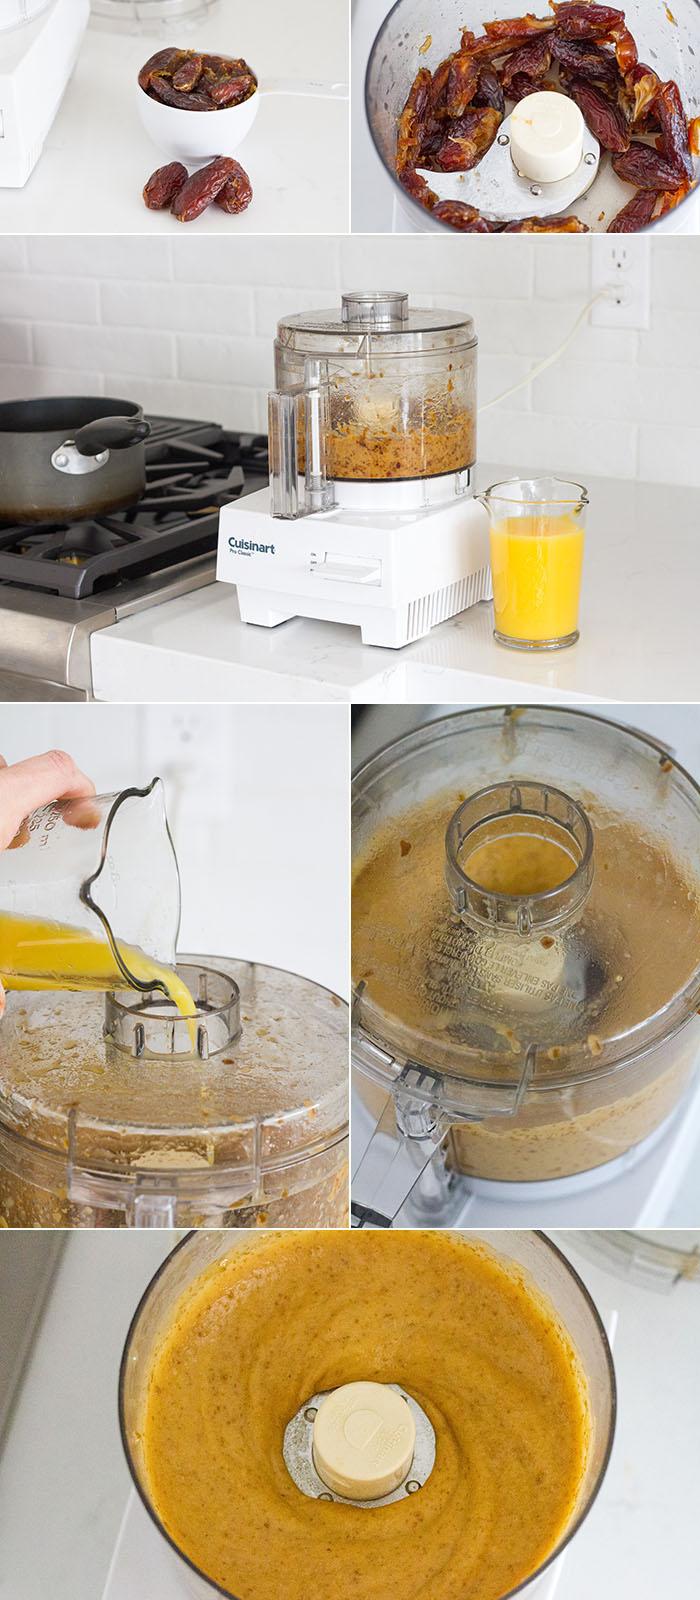 Making orange date paste